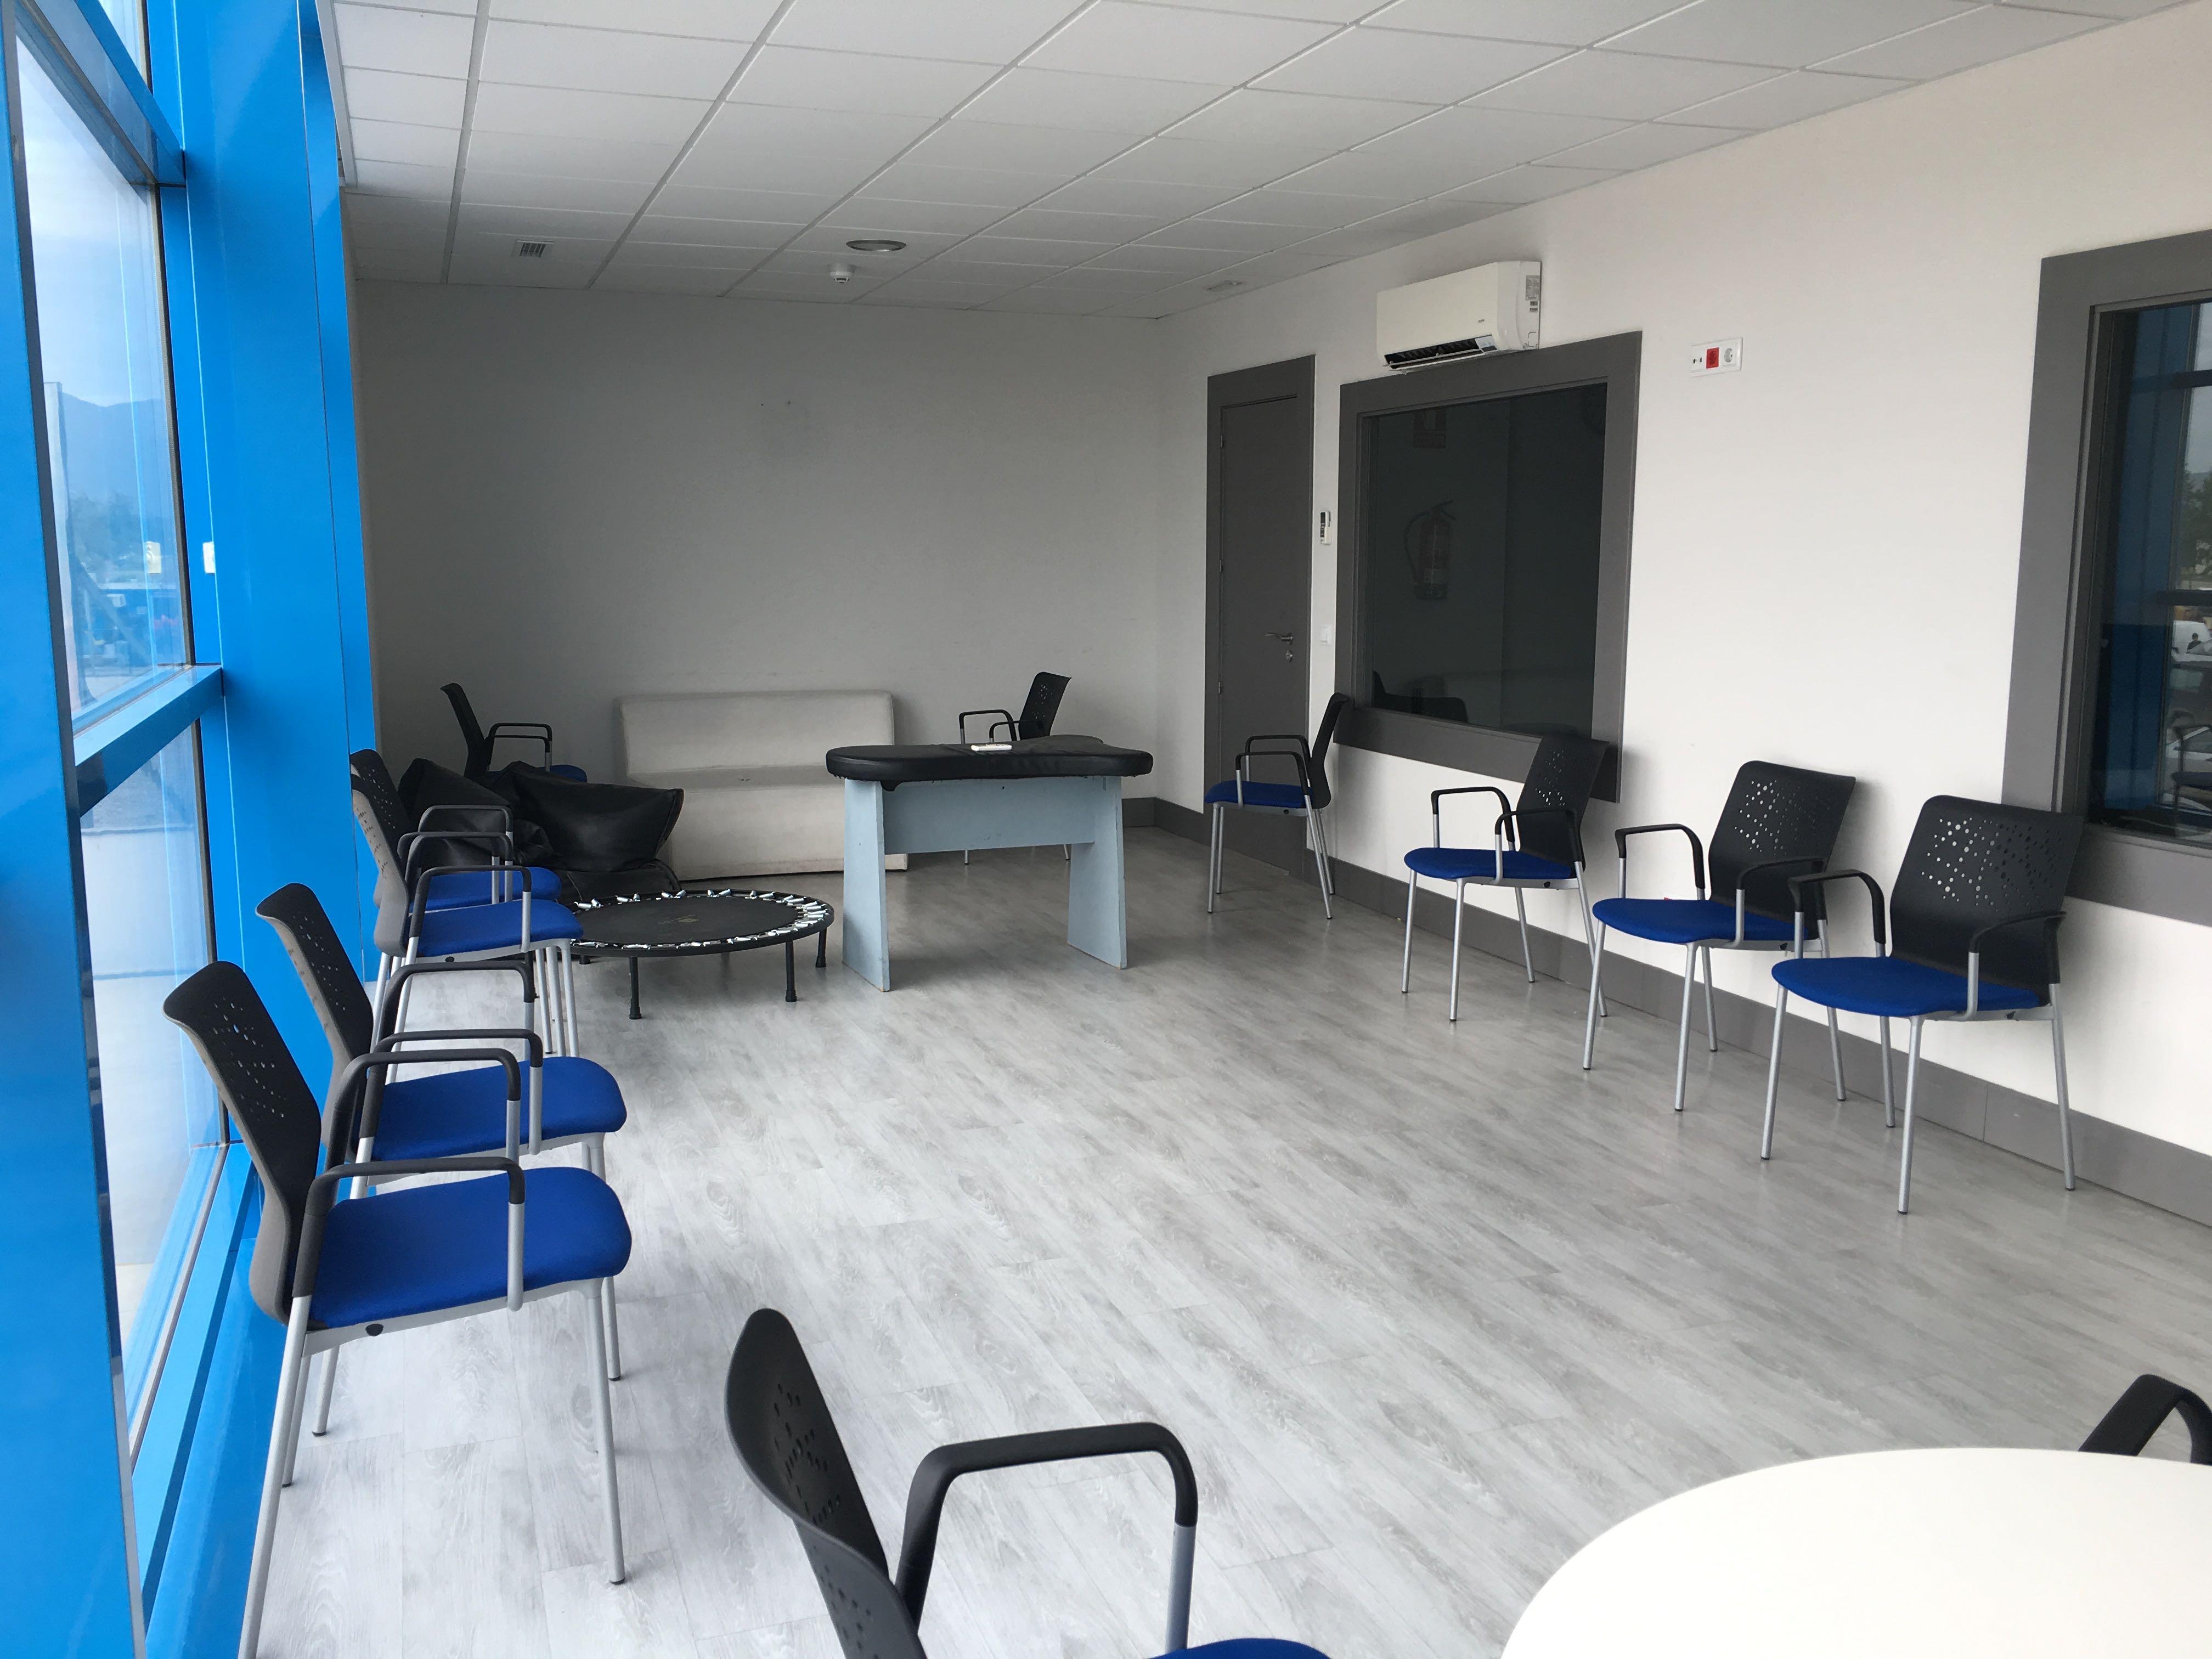 Debrief Room